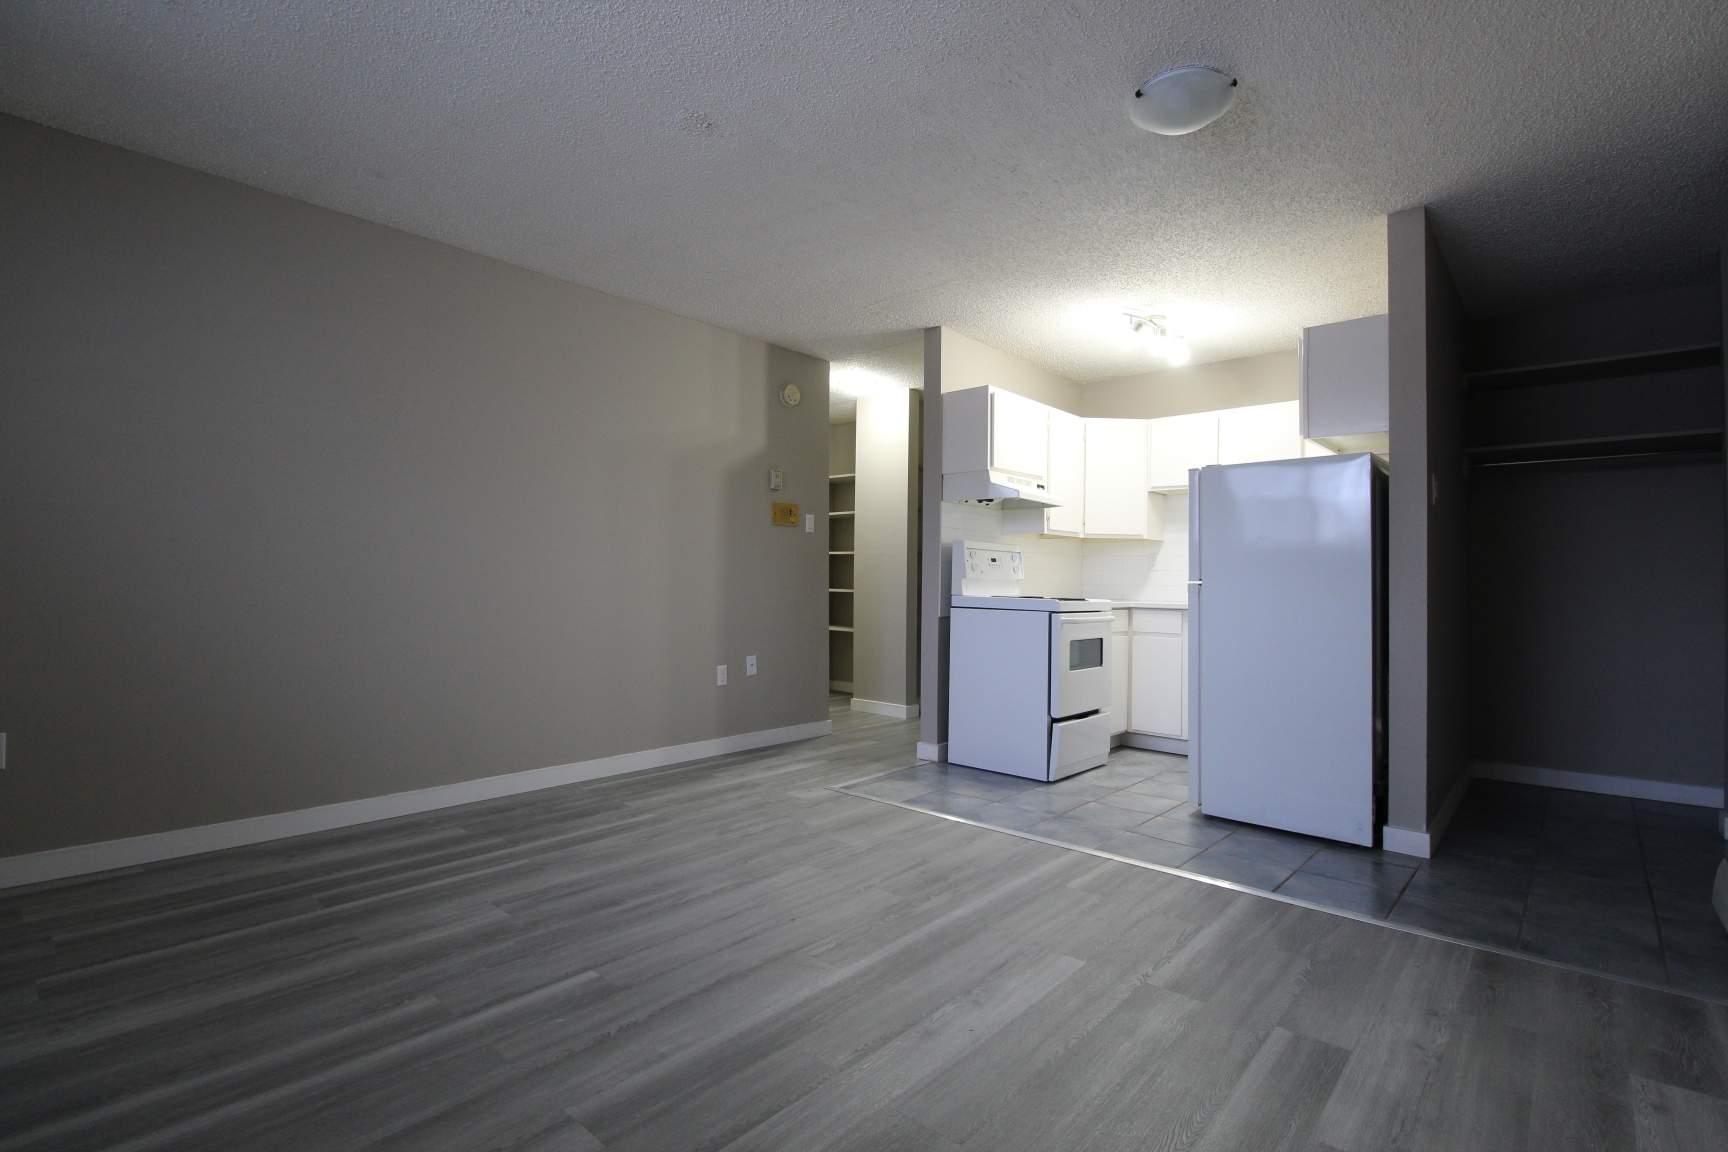 131 Avenue P South, Saskatoon, SK - 699 CAD/ month